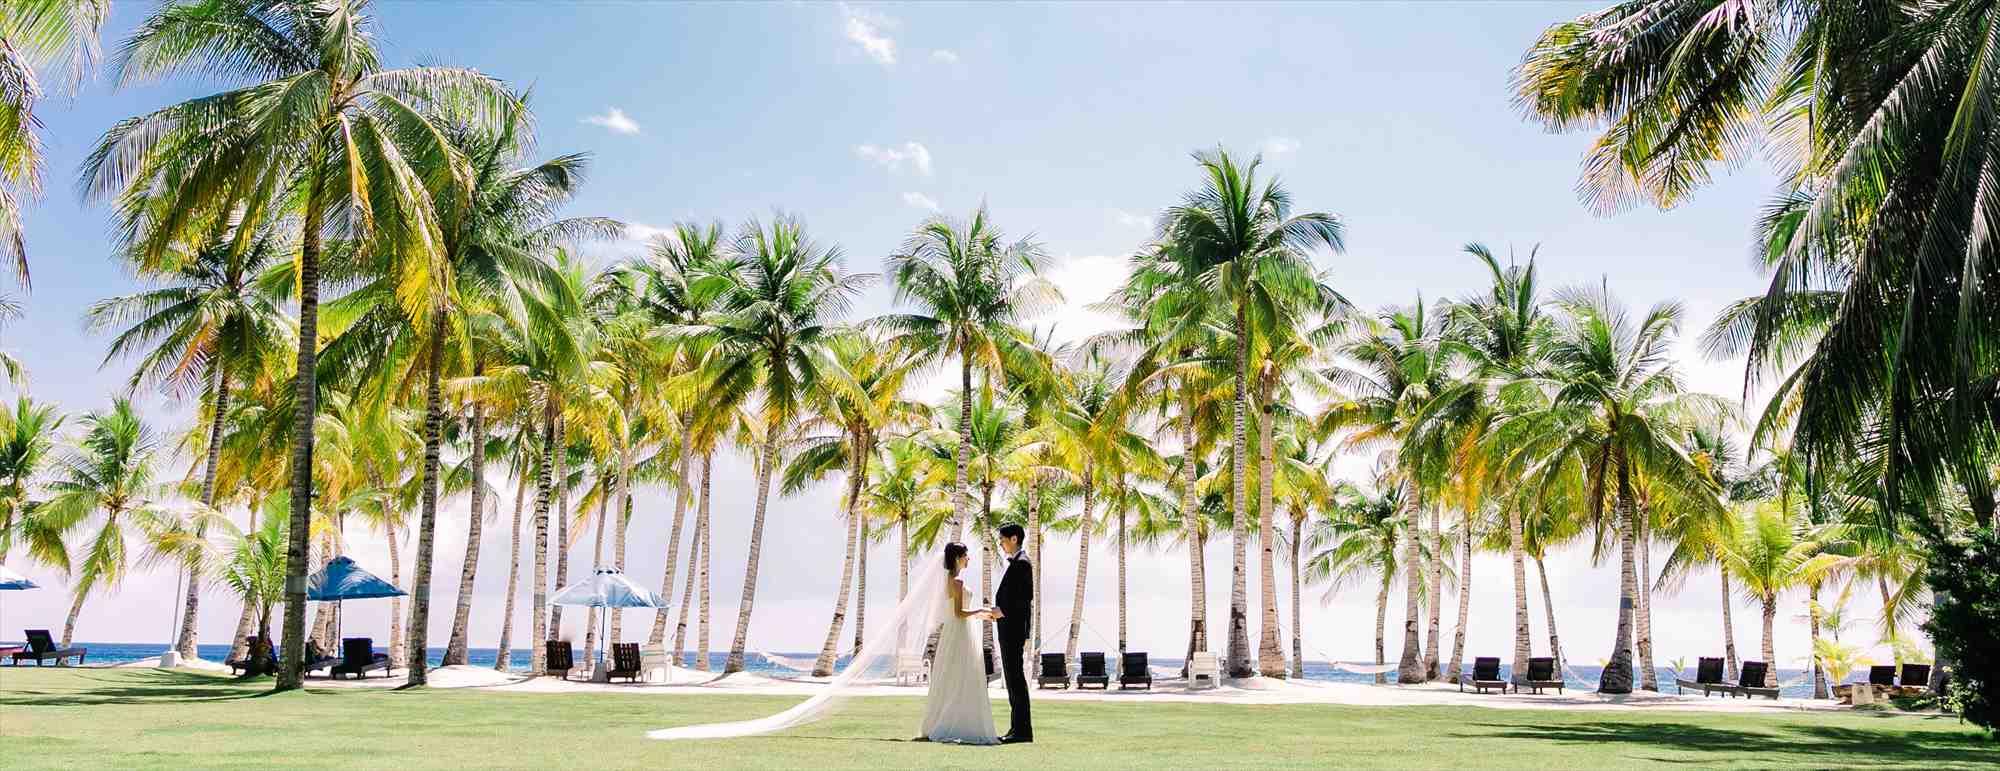 ボホール島ガーデン・ウェディング・フォトBohol Beach Club Garden Wedding Photo~ボホール・ビーチ・クラブ挙式